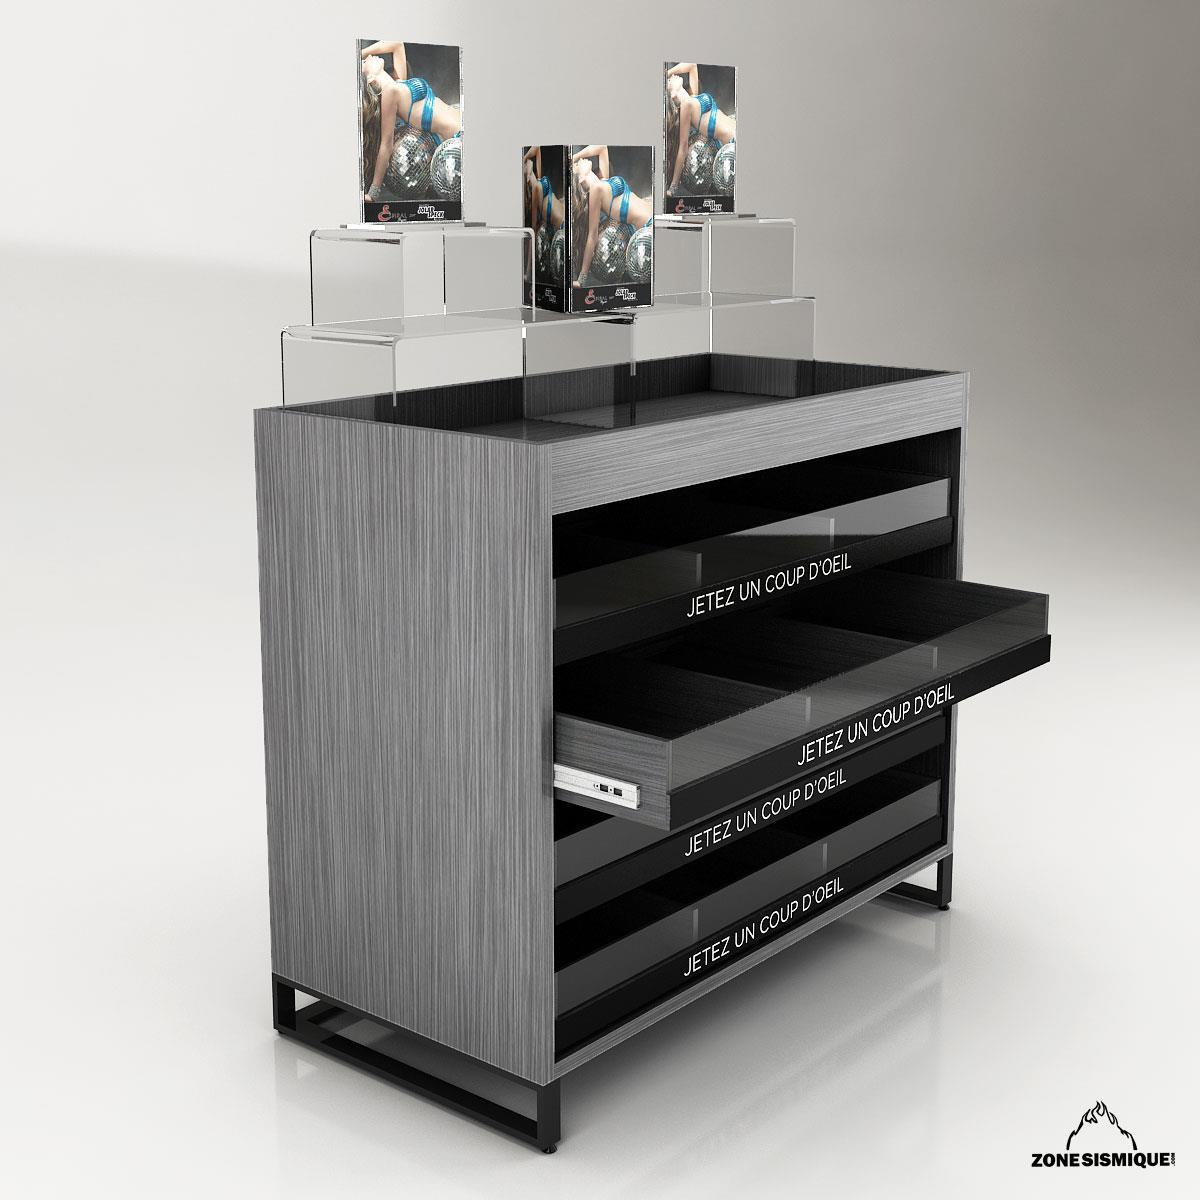 zone sismique presentoir lingerie v2 zone sismique. Black Bedroom Furniture Sets. Home Design Ideas